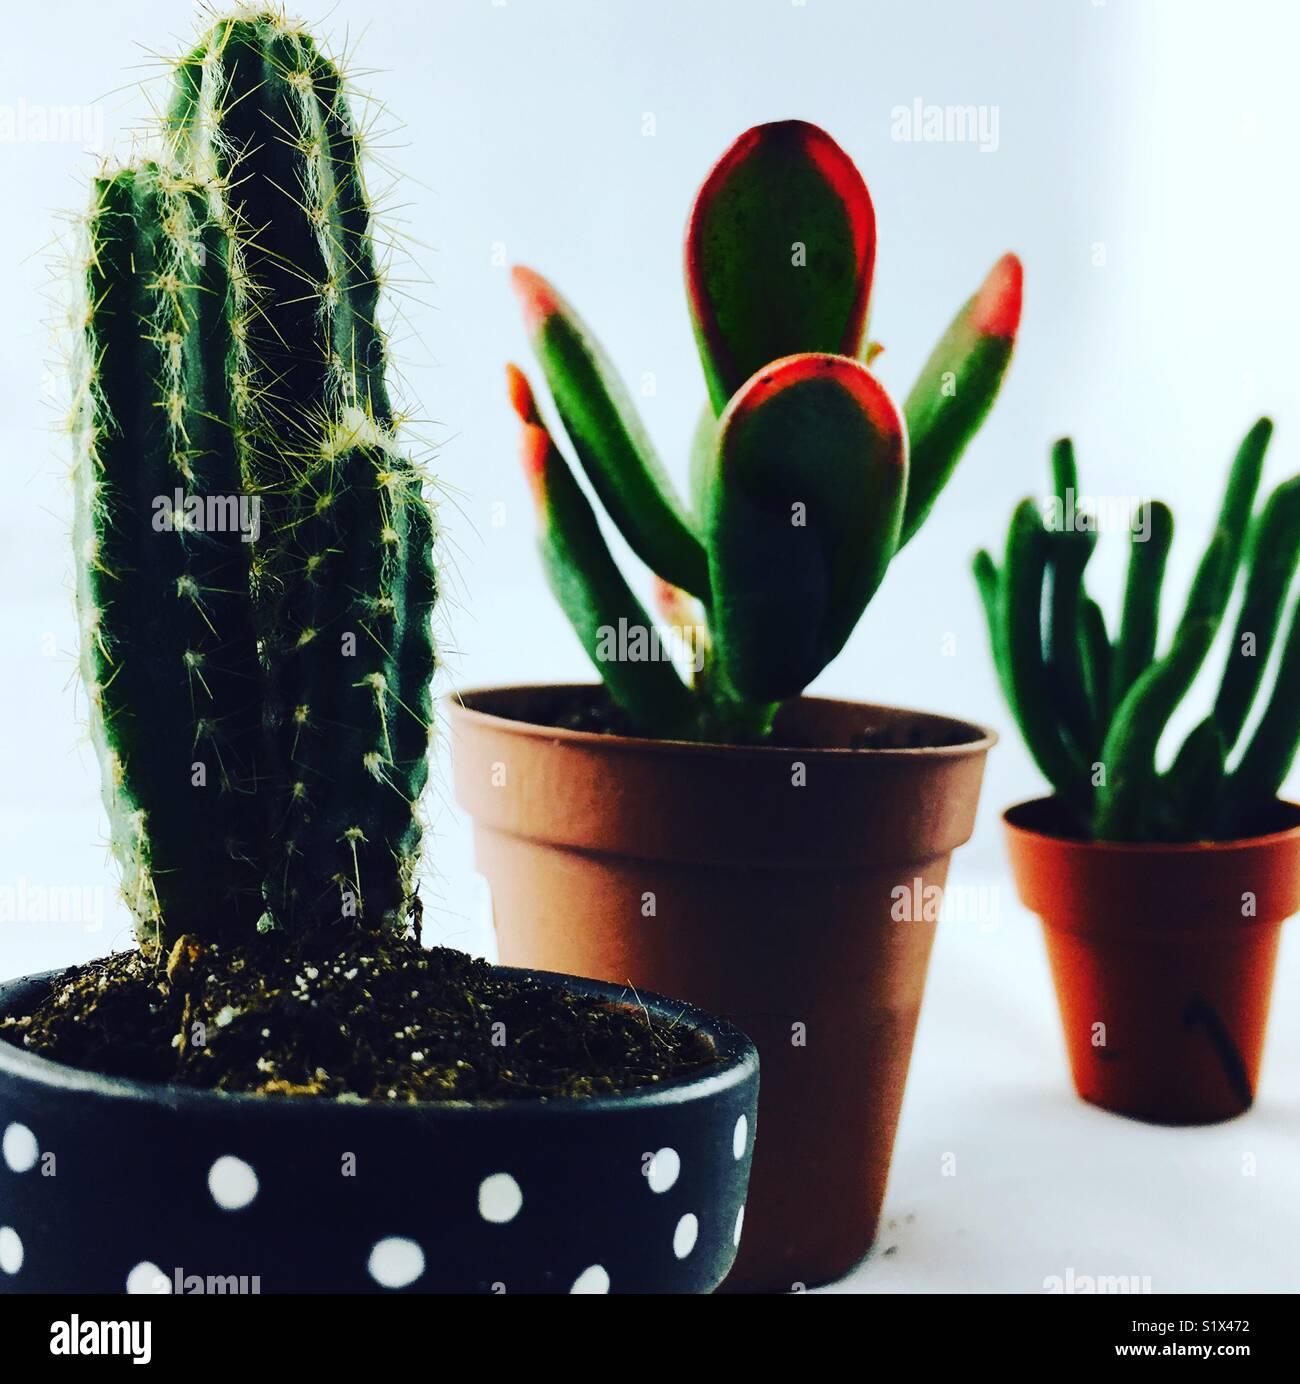 Las tres plantas suculentas esperando para crecer a lo grande Imagen De Stock